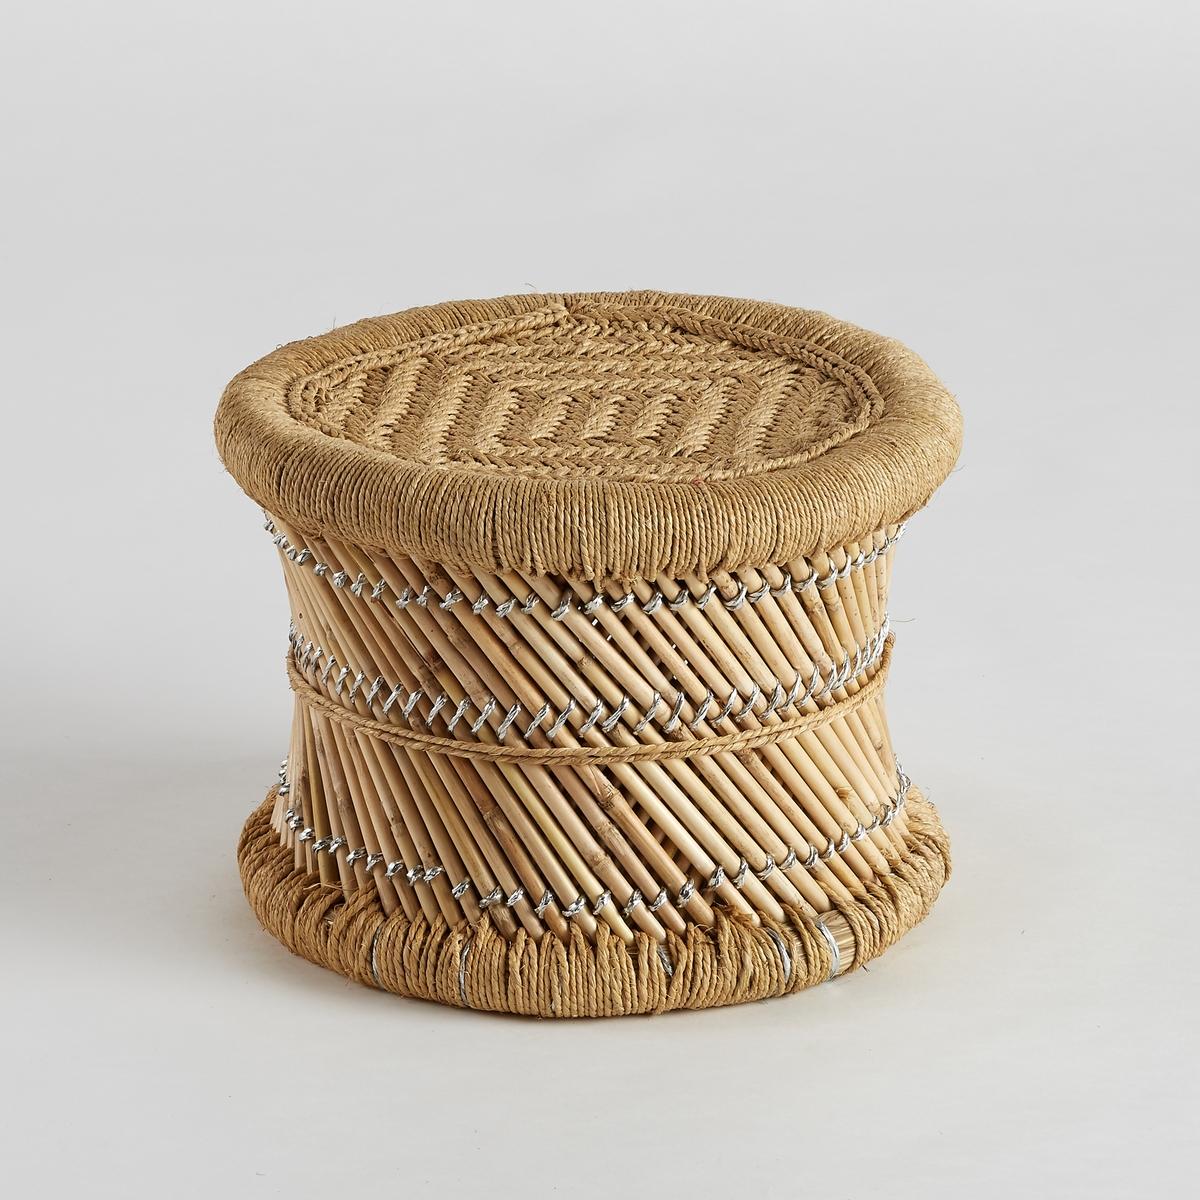 Столик диванный из бамбука QuesadaДиванный столик Quesada. Диванный столик или вспомогательный столик в африканском стиле.Характеристики :- Плетеный каркас из бамбука - Плетеное сиденье из веревки- Оригинальная отделка из сизаля и пластика серебристого цвета Размеры : - диаметр 42 x высота 32 см<br><br>Цвет: серо-бежевый/белый